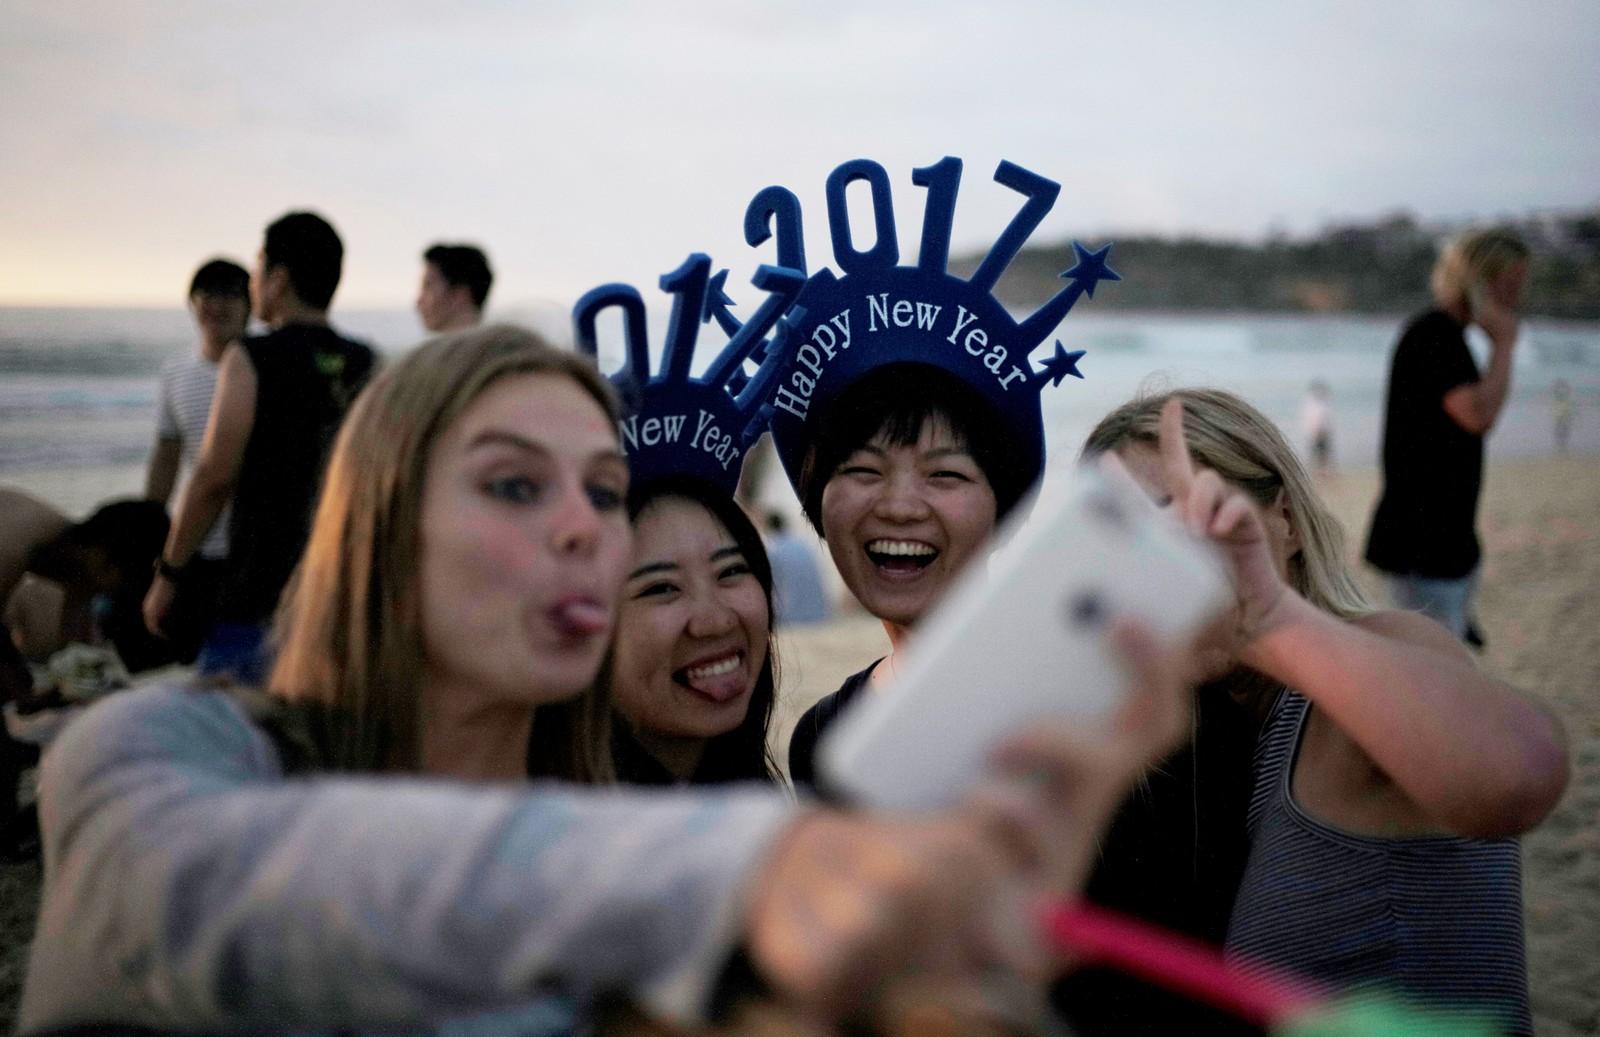 SYDNEY: Disse jentene tar en selfie ved soloppgang 1. januar på Bondi beach i Australia for å feire det nye året.